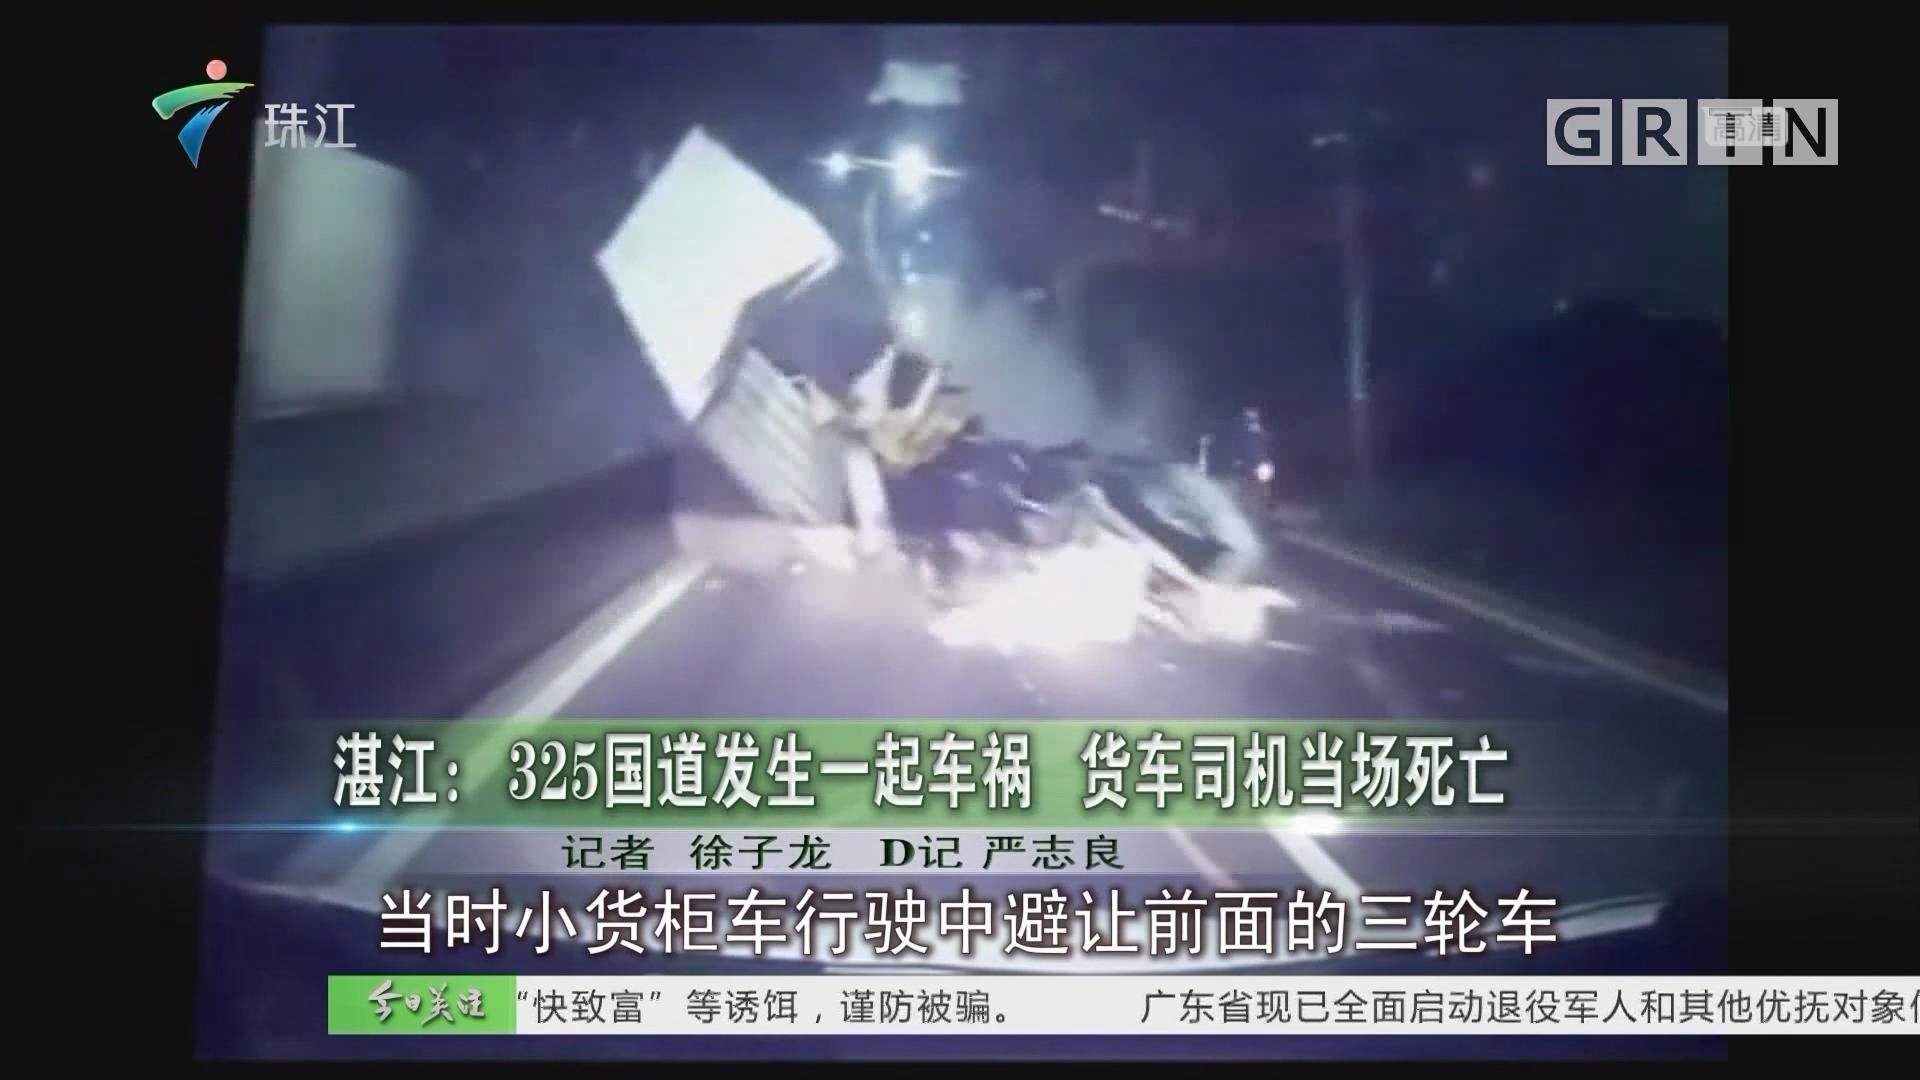 湛江:325国道发生一起车祸 货车司机当场死亡